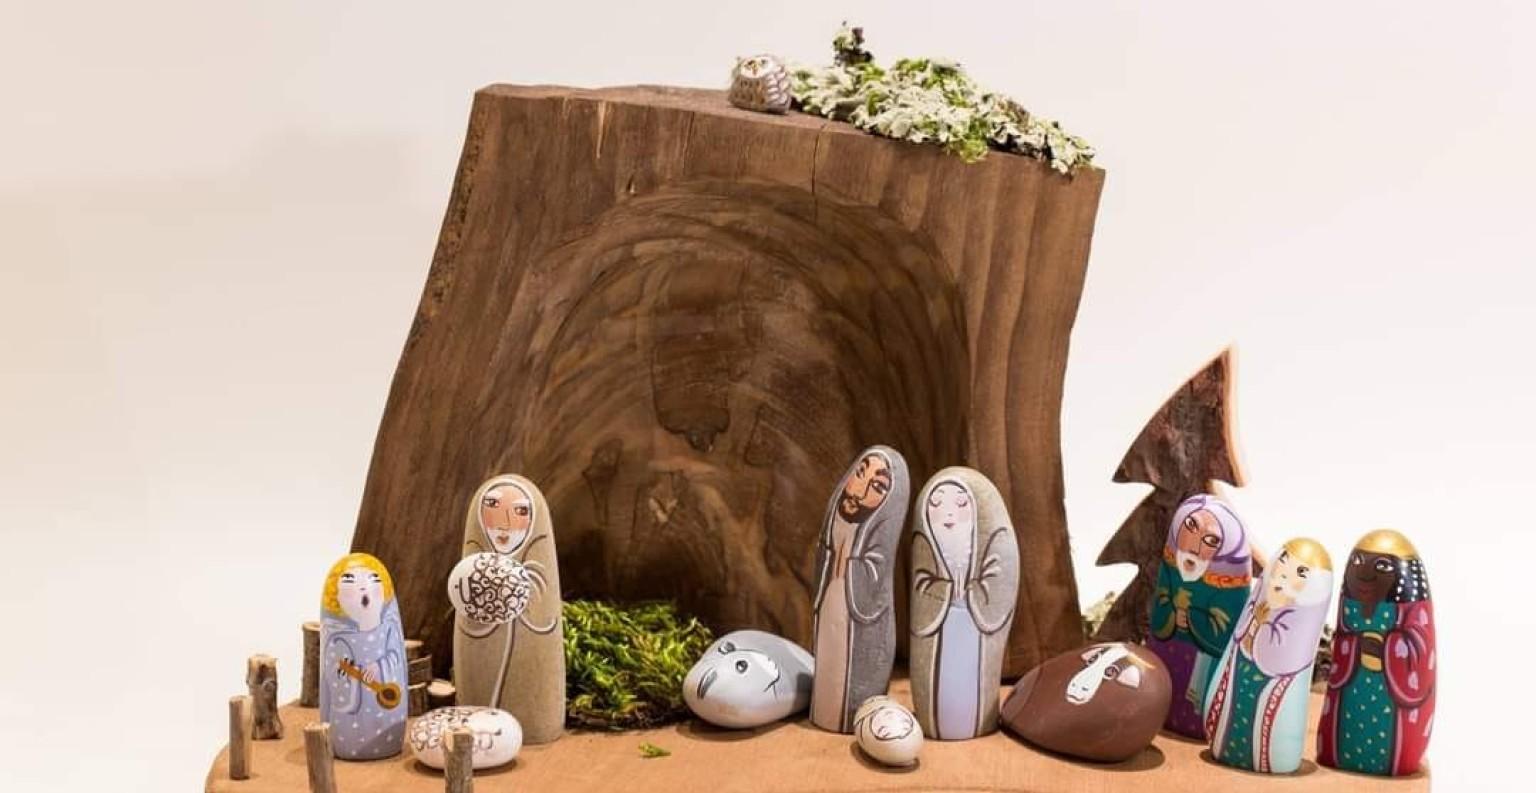 La Vie en Douce réinvente la tradition des santons provençaux. ©La Vie en Douce